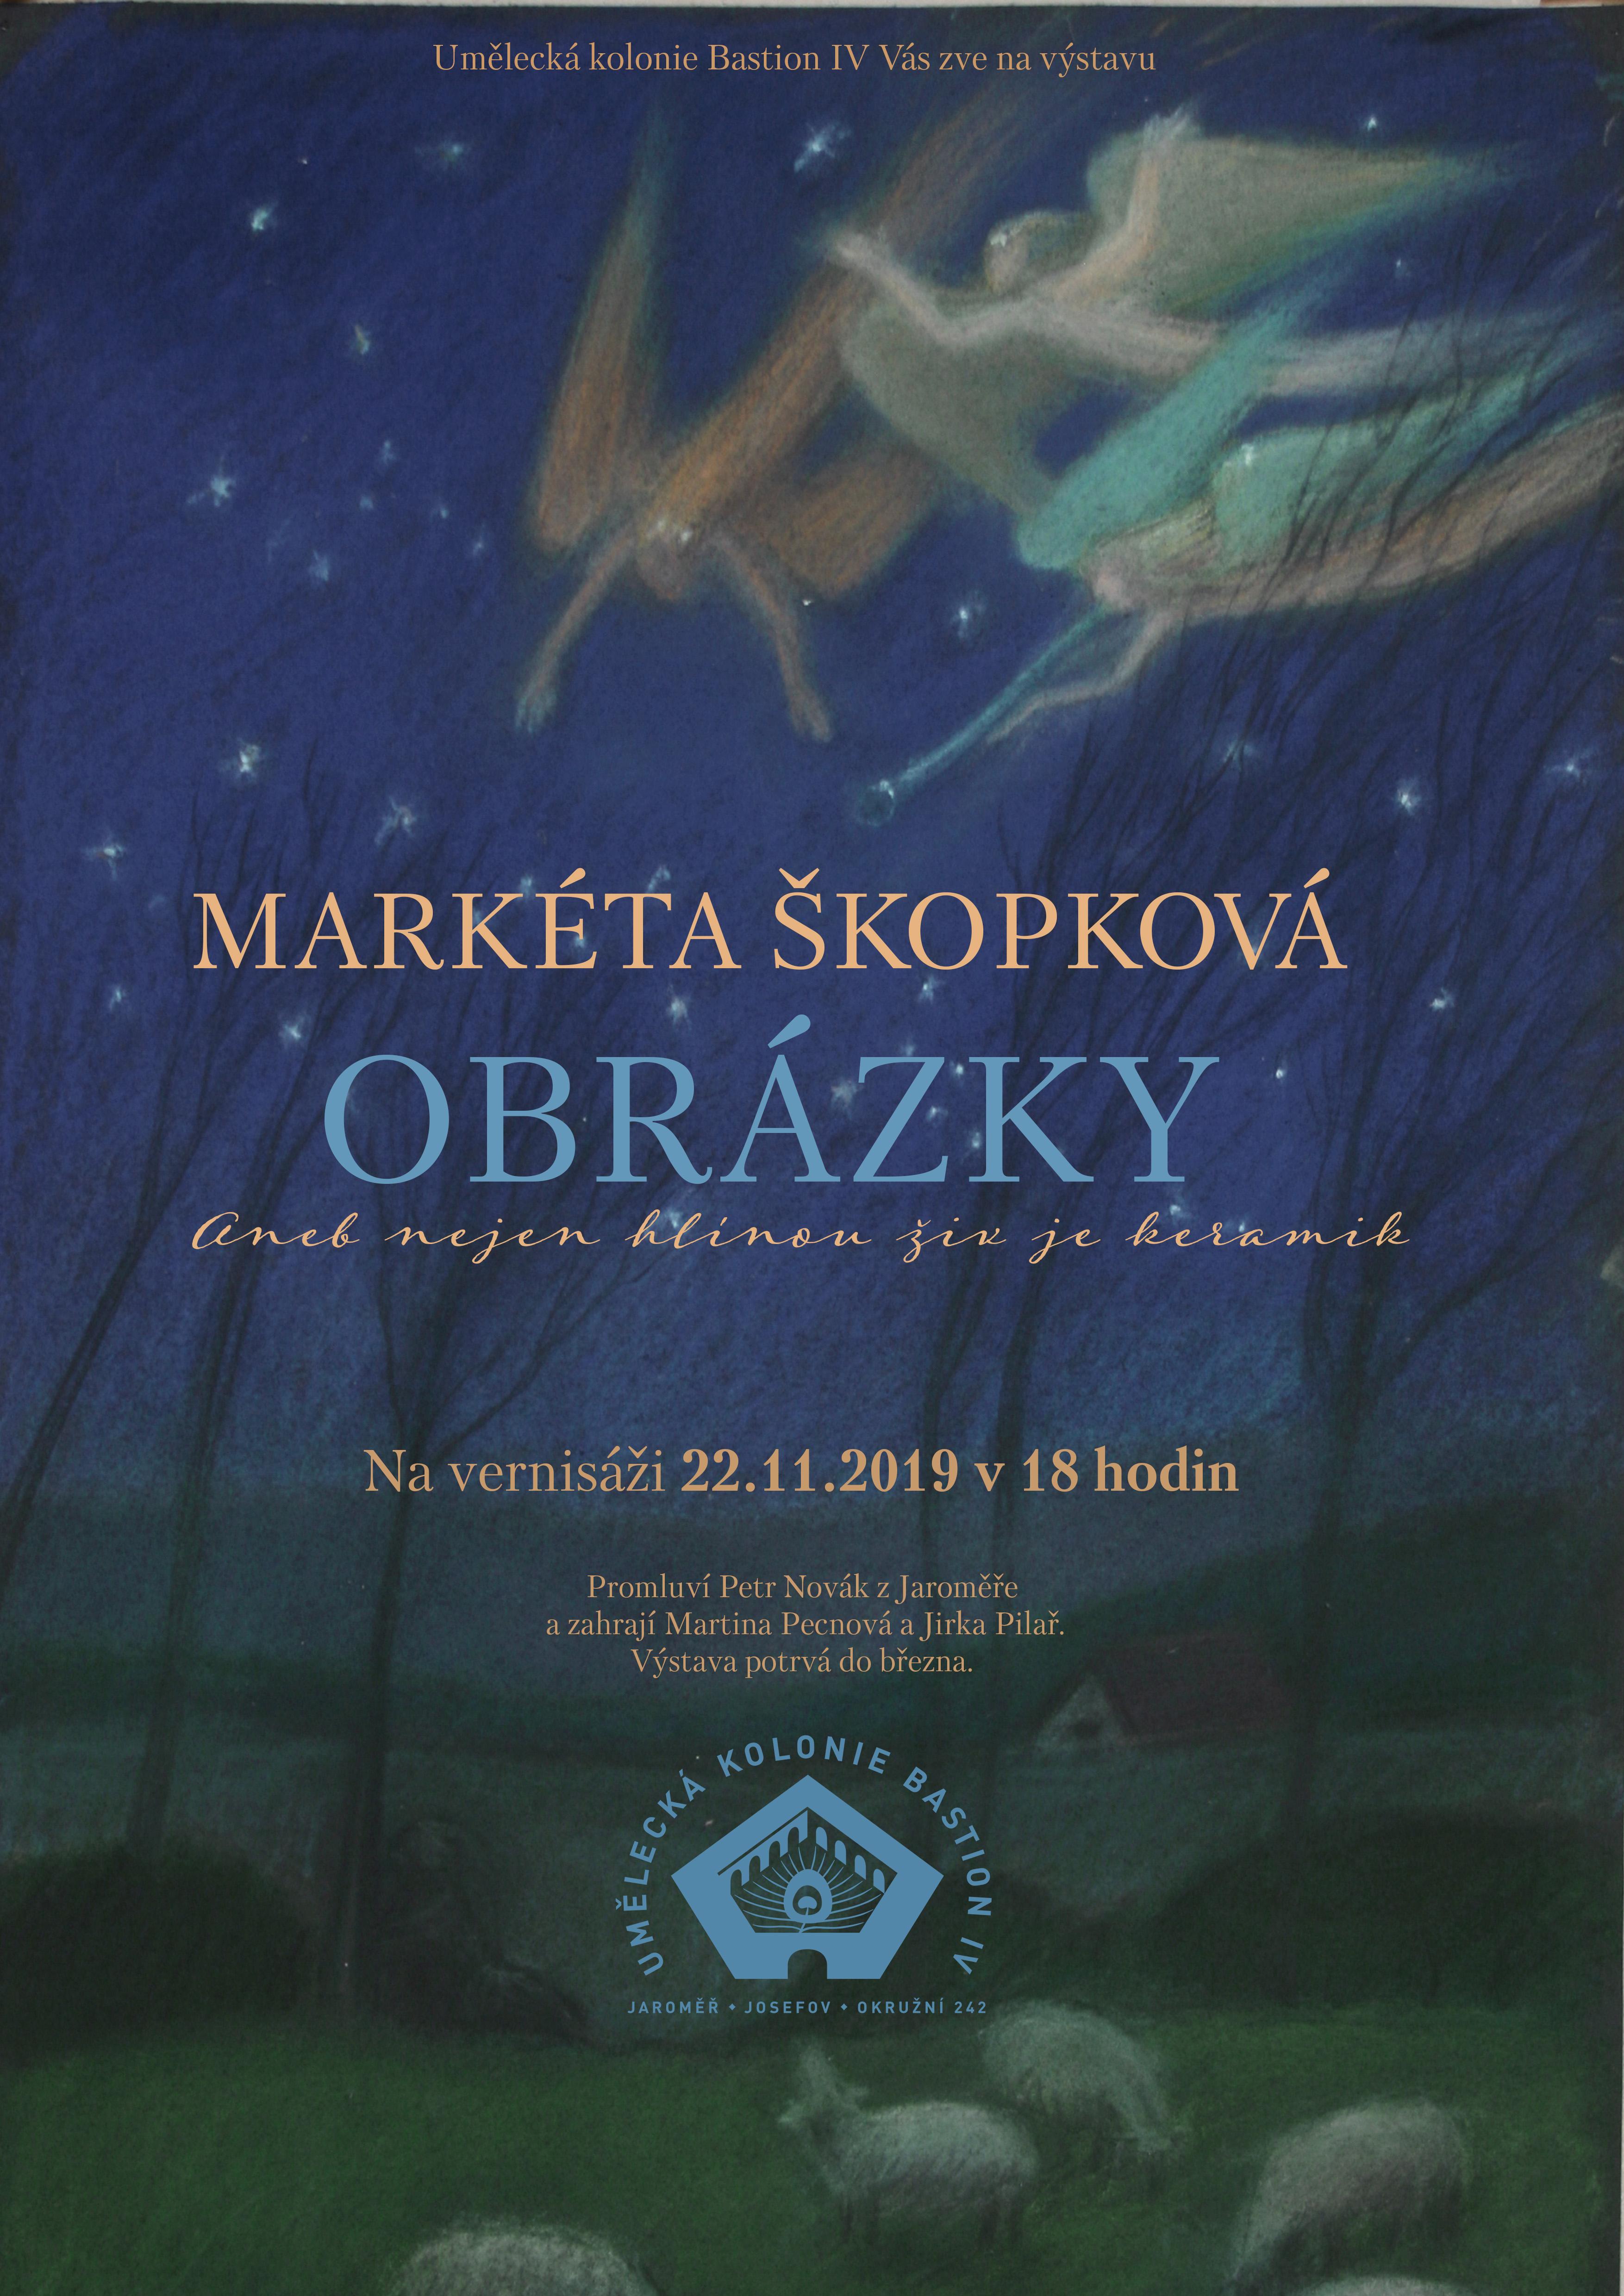 Markéta Škopková - obrázky